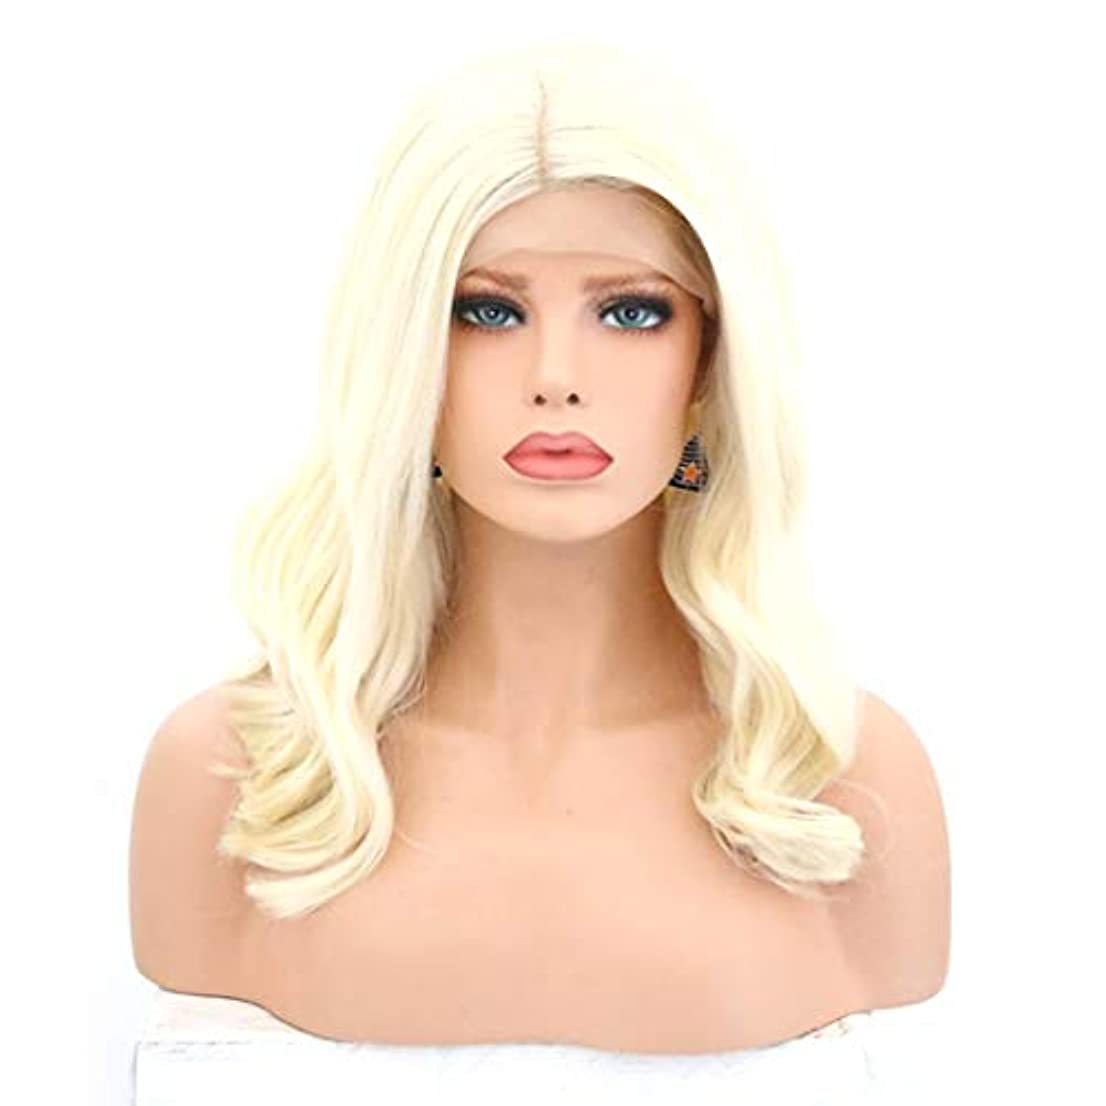 作ります乱雑なポゴスティックジャンプSummerys 女性のための巻き毛のかつらかつらかつらフロントの合成繊維のかつらを自然な見るとかつら (Size : 26 inches)